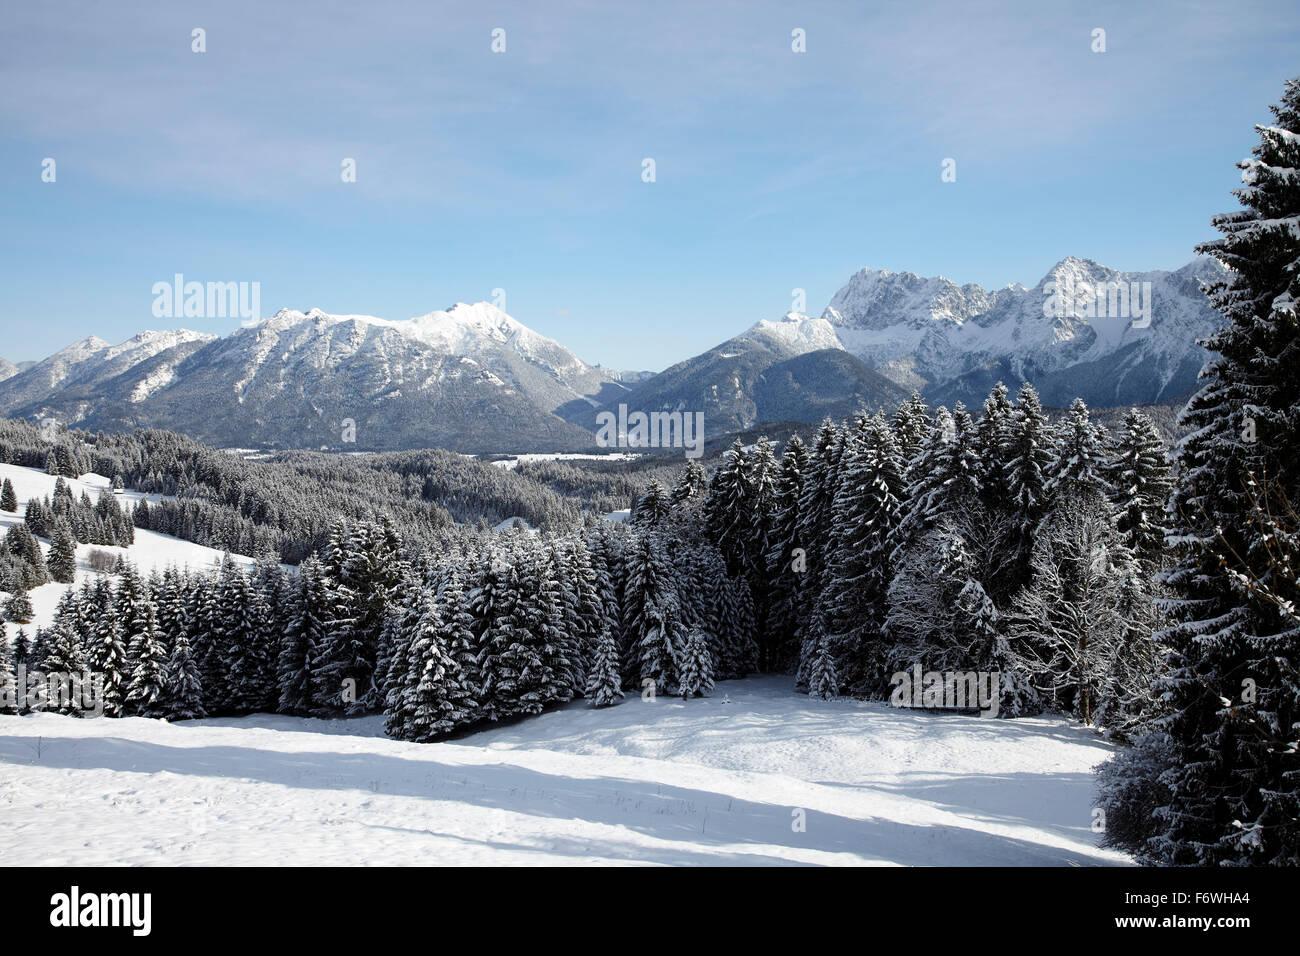 View to snwo-coverd Karwendel range, Elmau, Bavaria, Germany - Stock Image